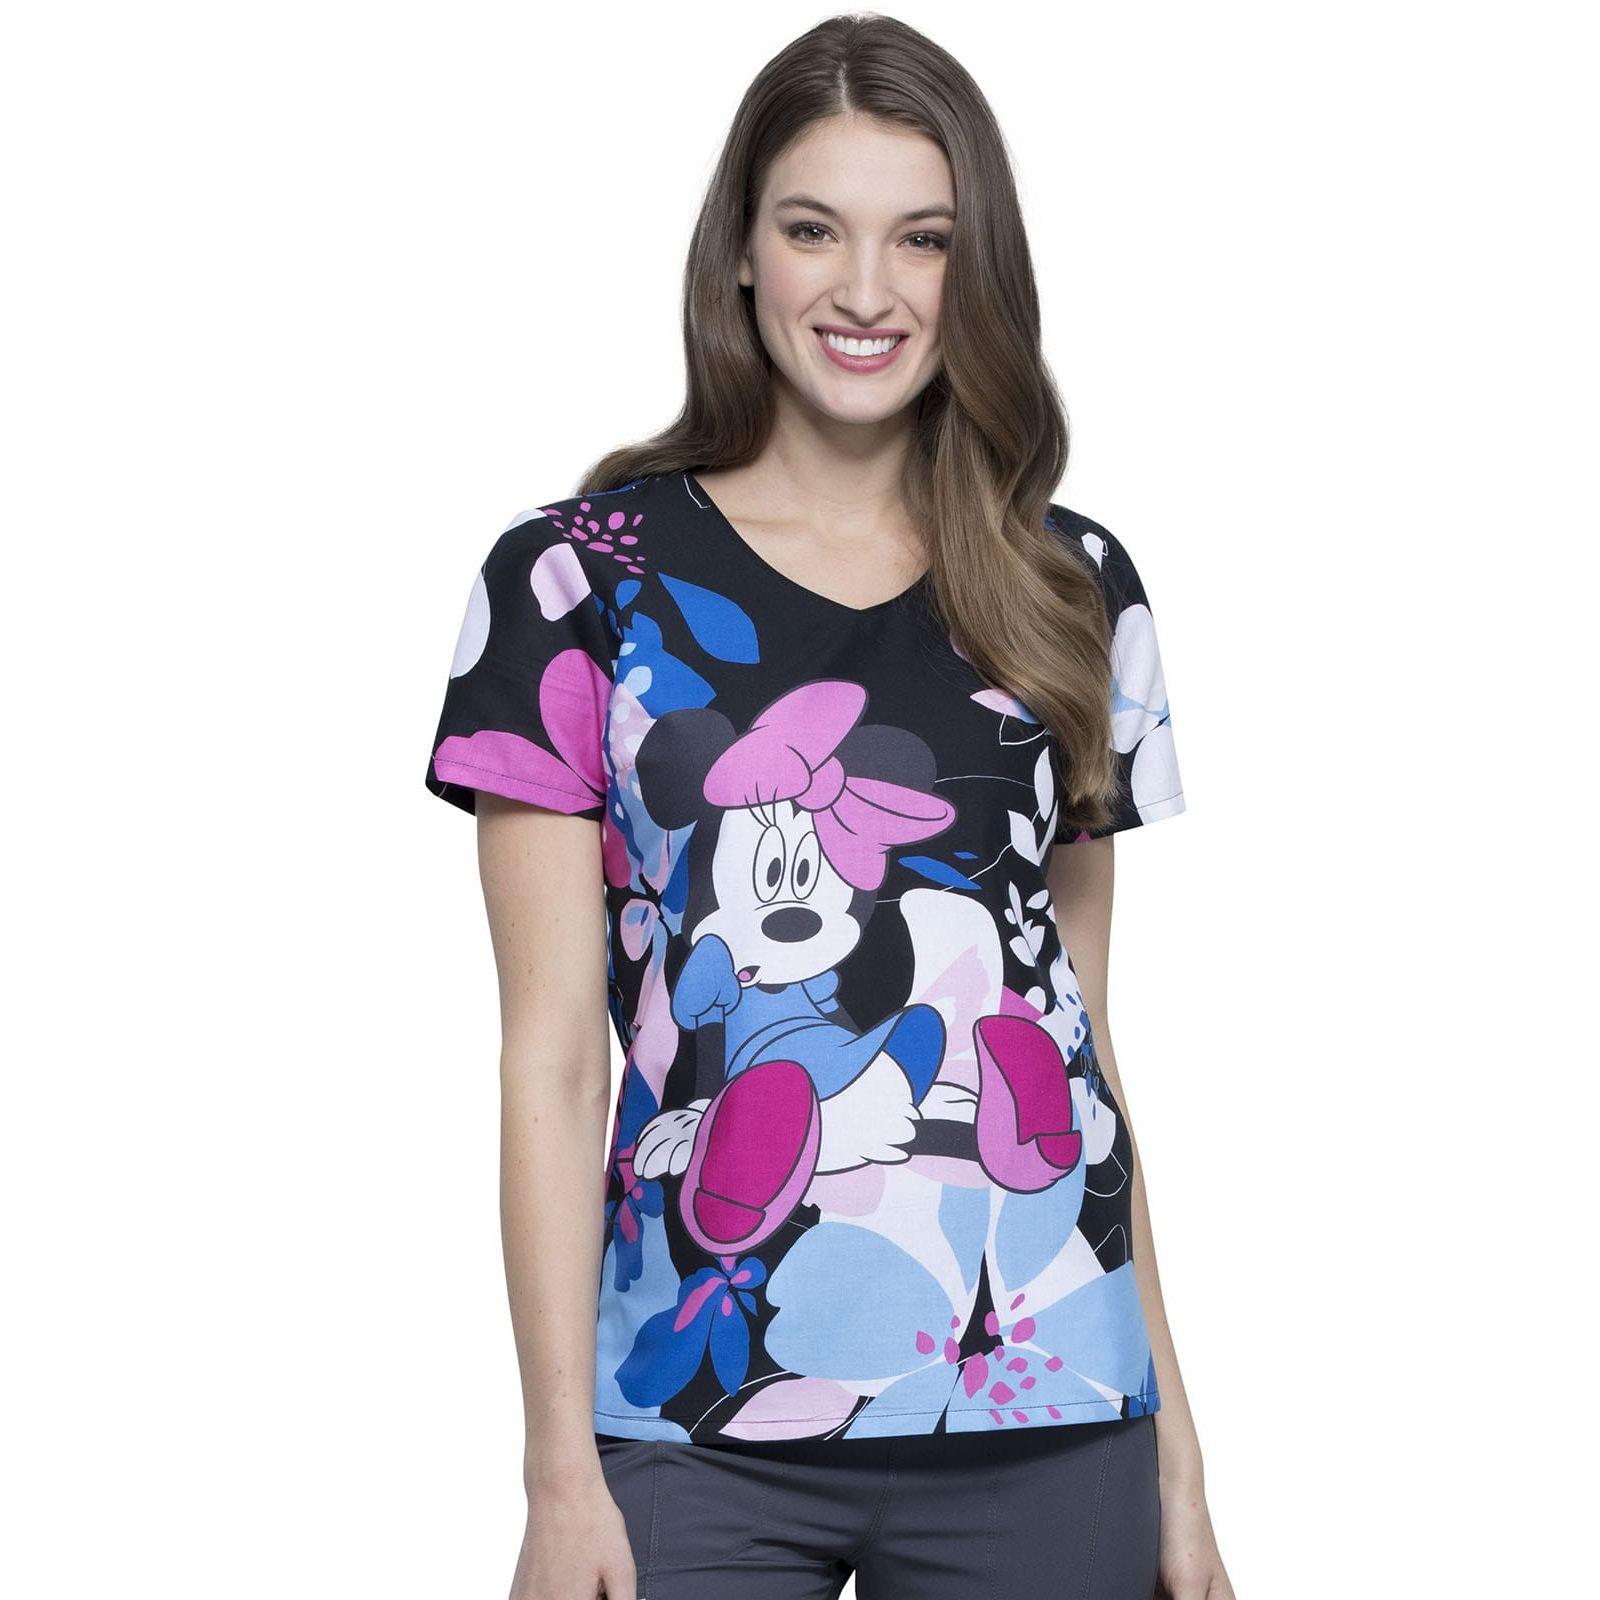 """Blouse médicale imprimée """"Minnie"""", Collection Tooniforms Disney (TF626)"""